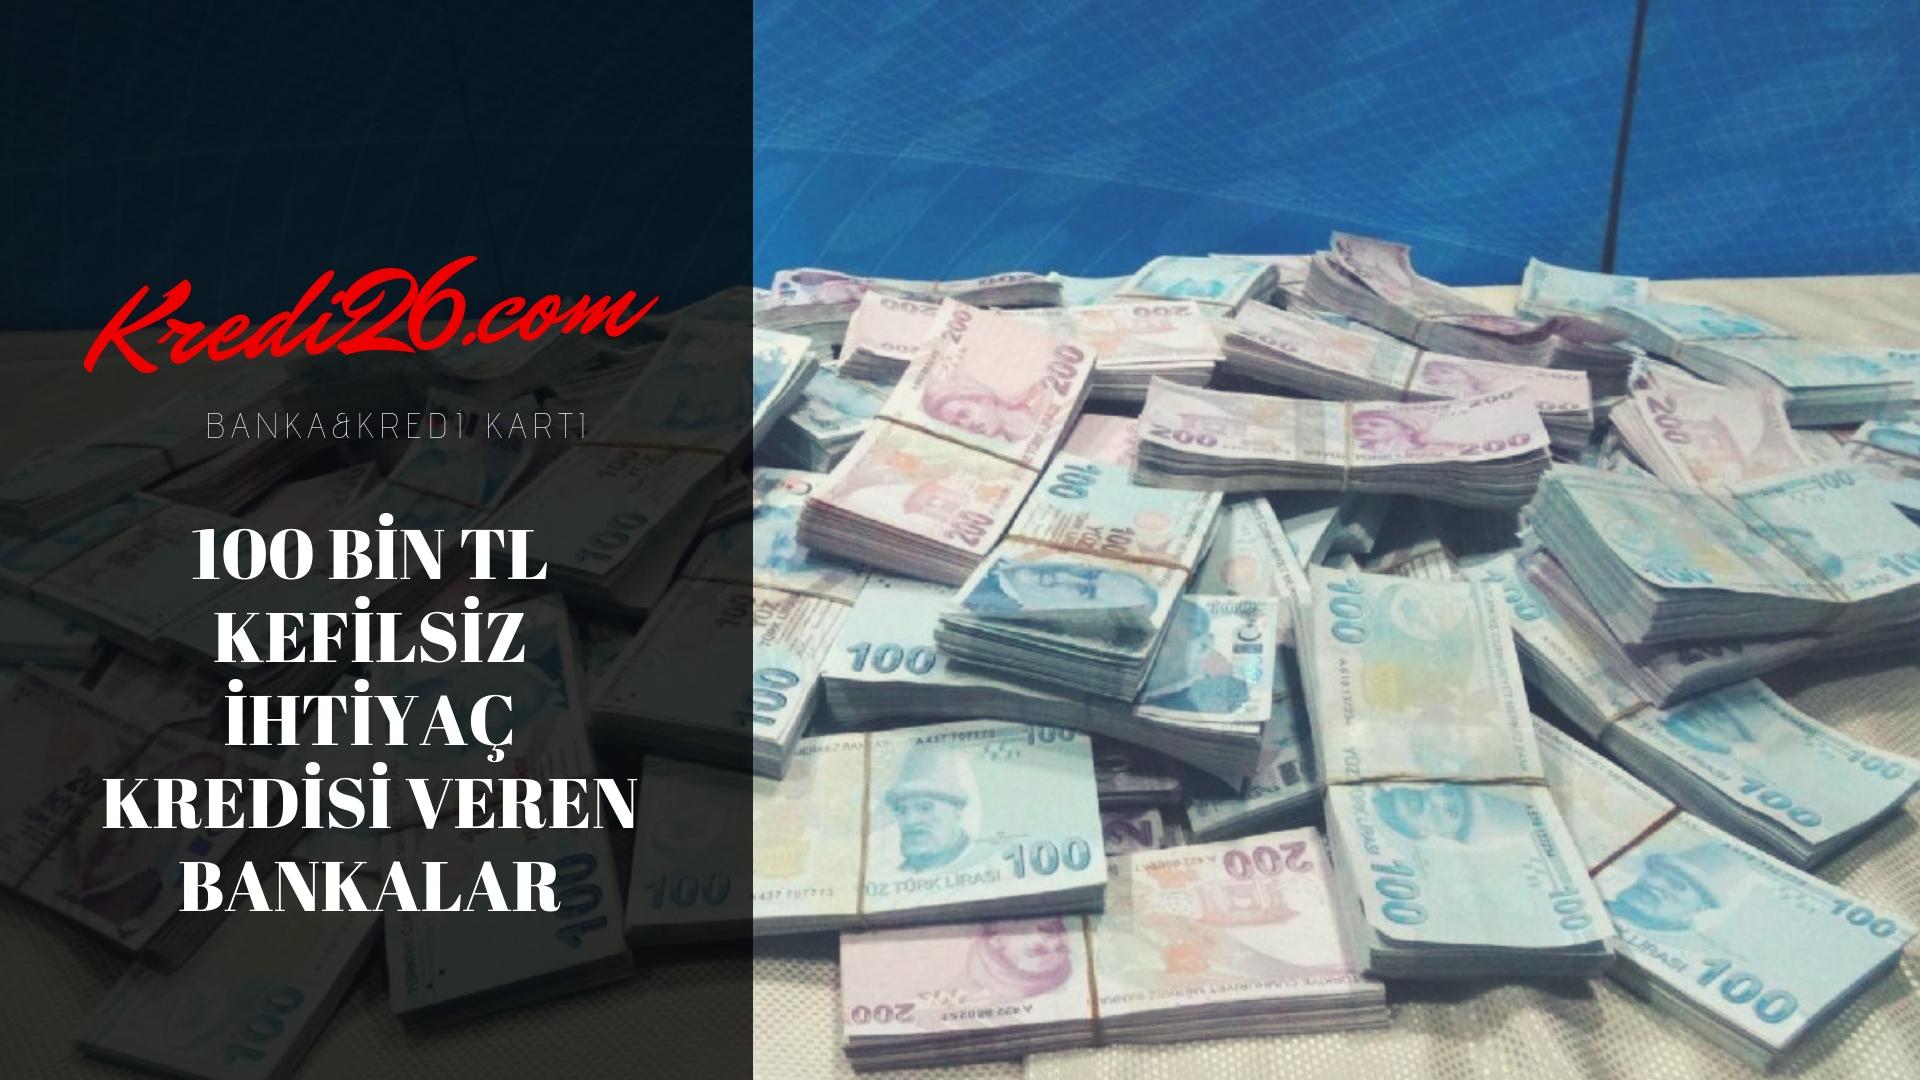 Kefilsiz 100 Bin TL Kredi Veren Bankalar (Gelir Belgesiz)